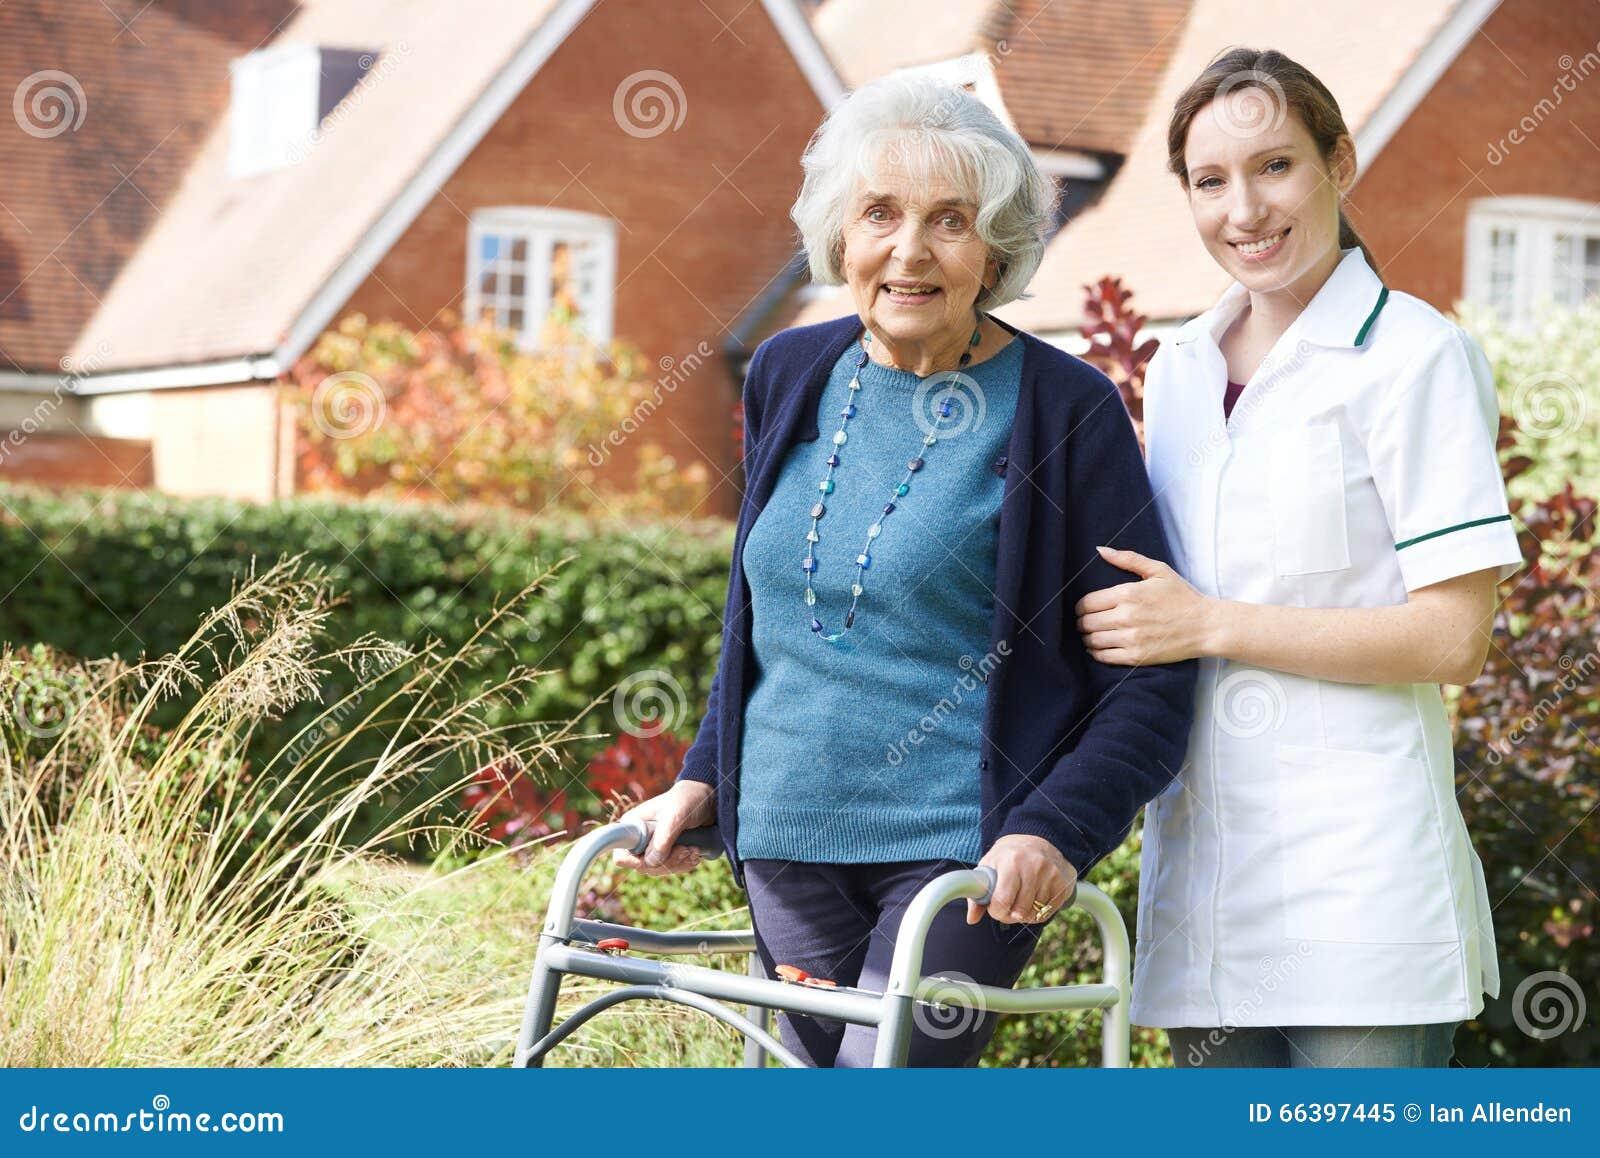 Φροντιστής που βοηθά την ανώτερη γυναίκα για να περπατήσει στον κήπο που χρησιμοποιεί το πλαίσιο περπατήματος